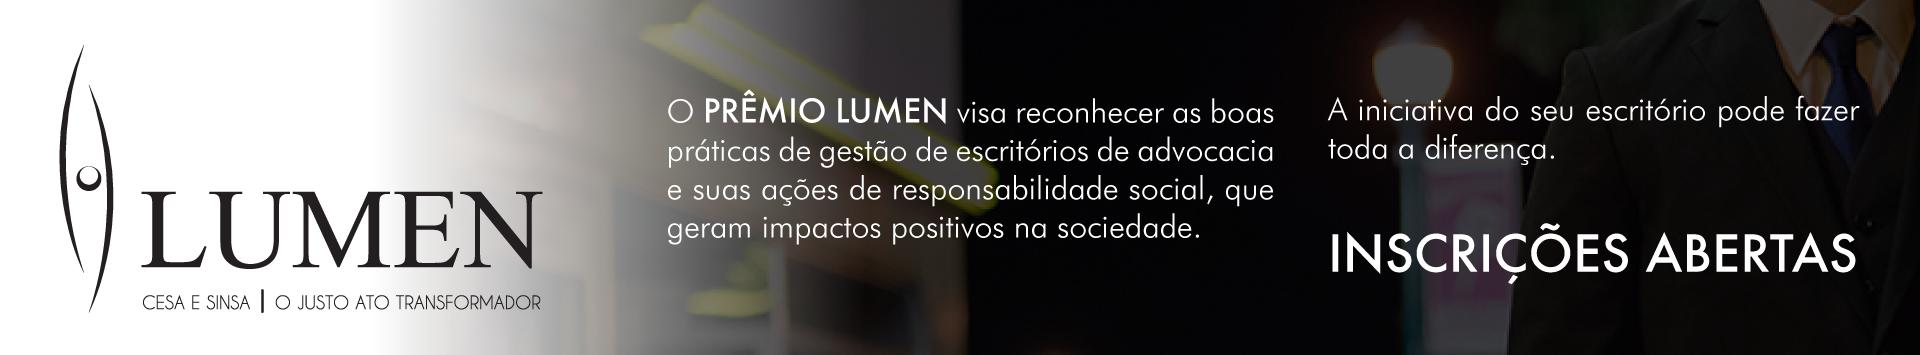 Prêmio Lumen